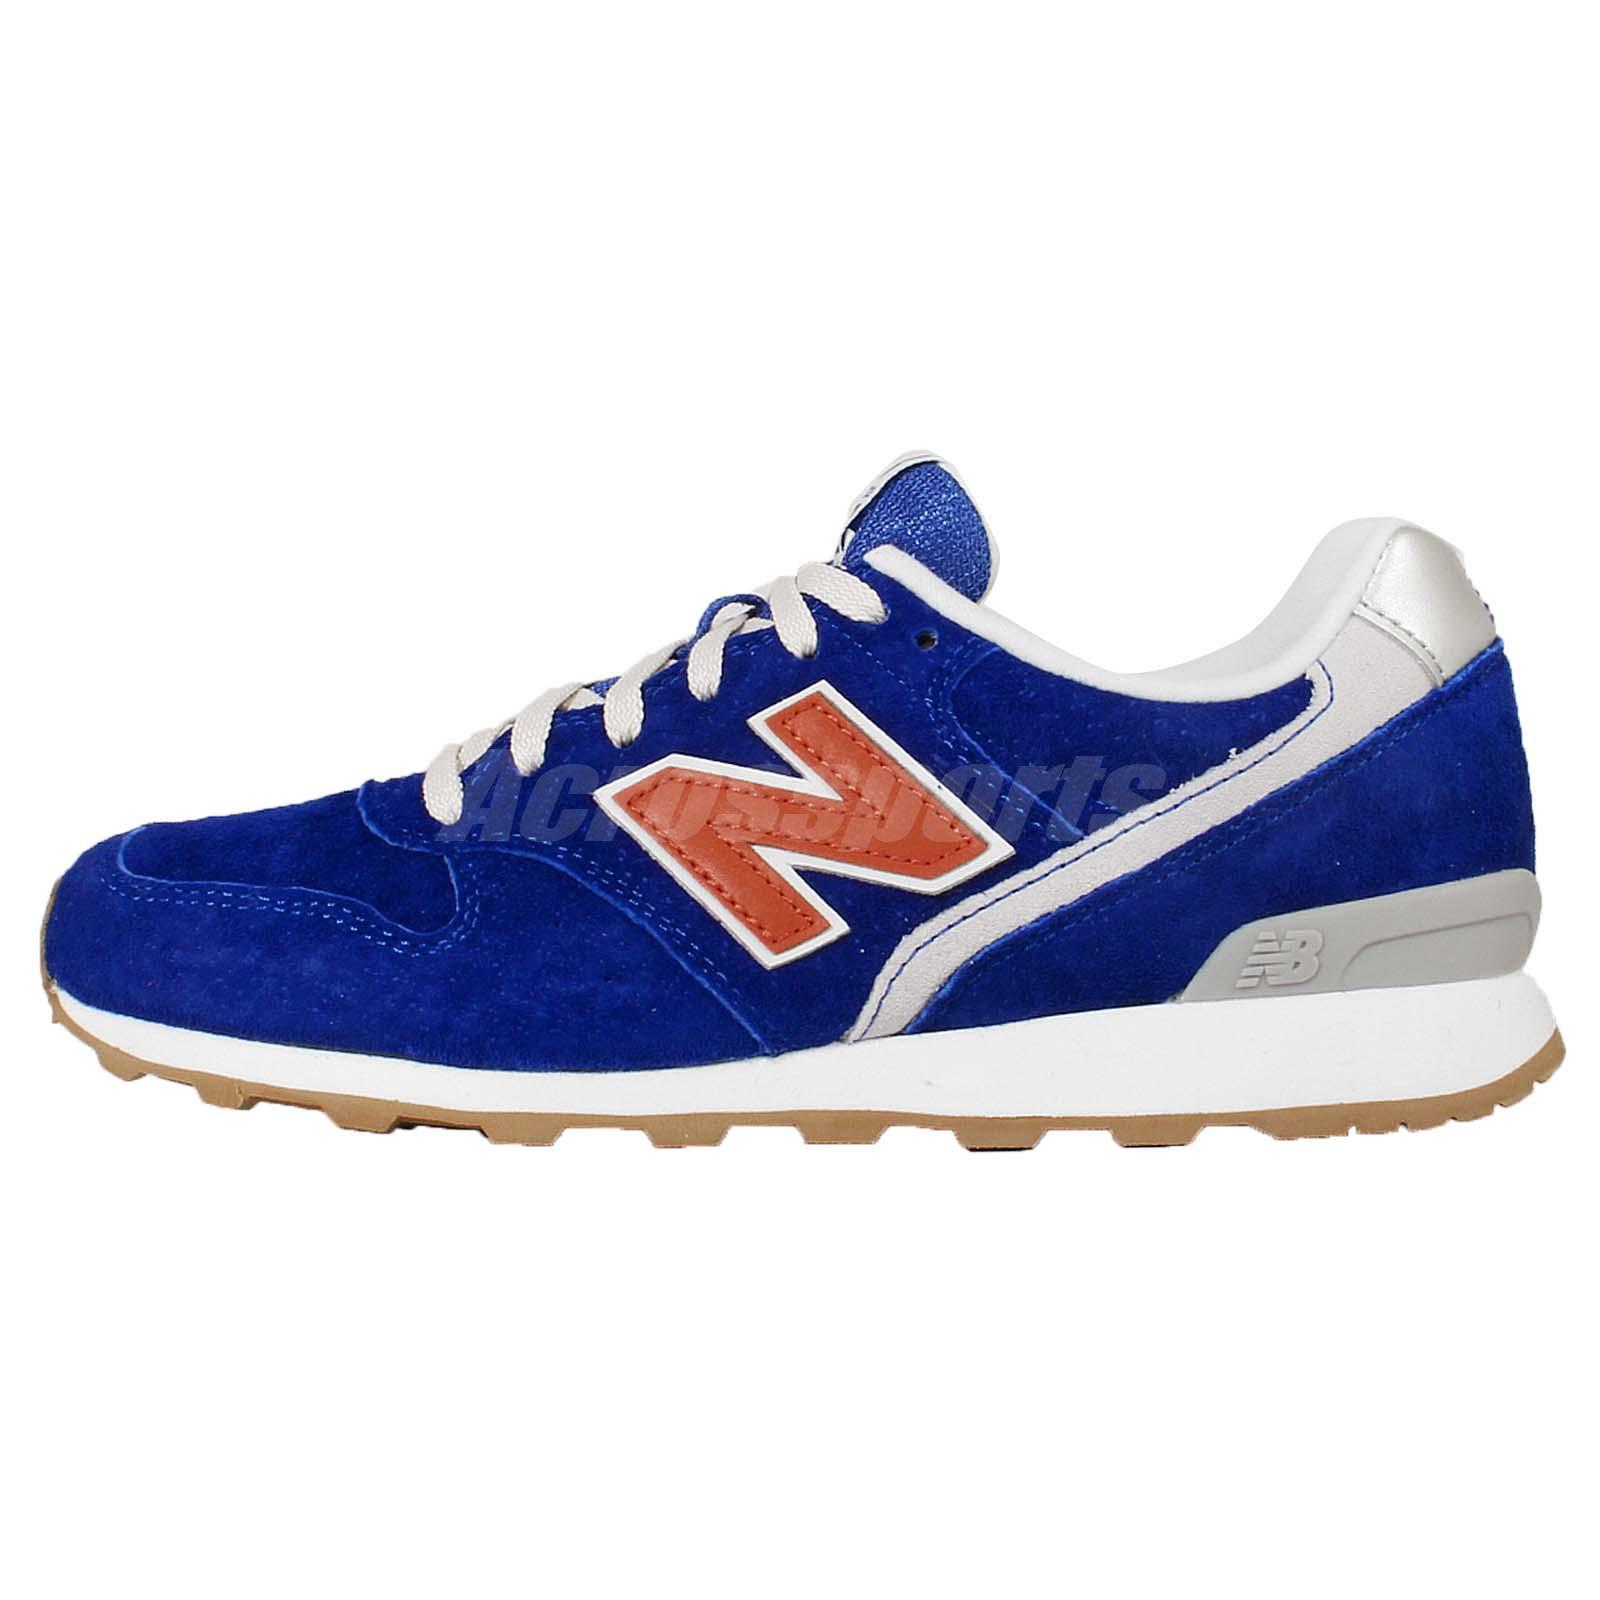 new balance wr996ld d blue orange suede womens retro